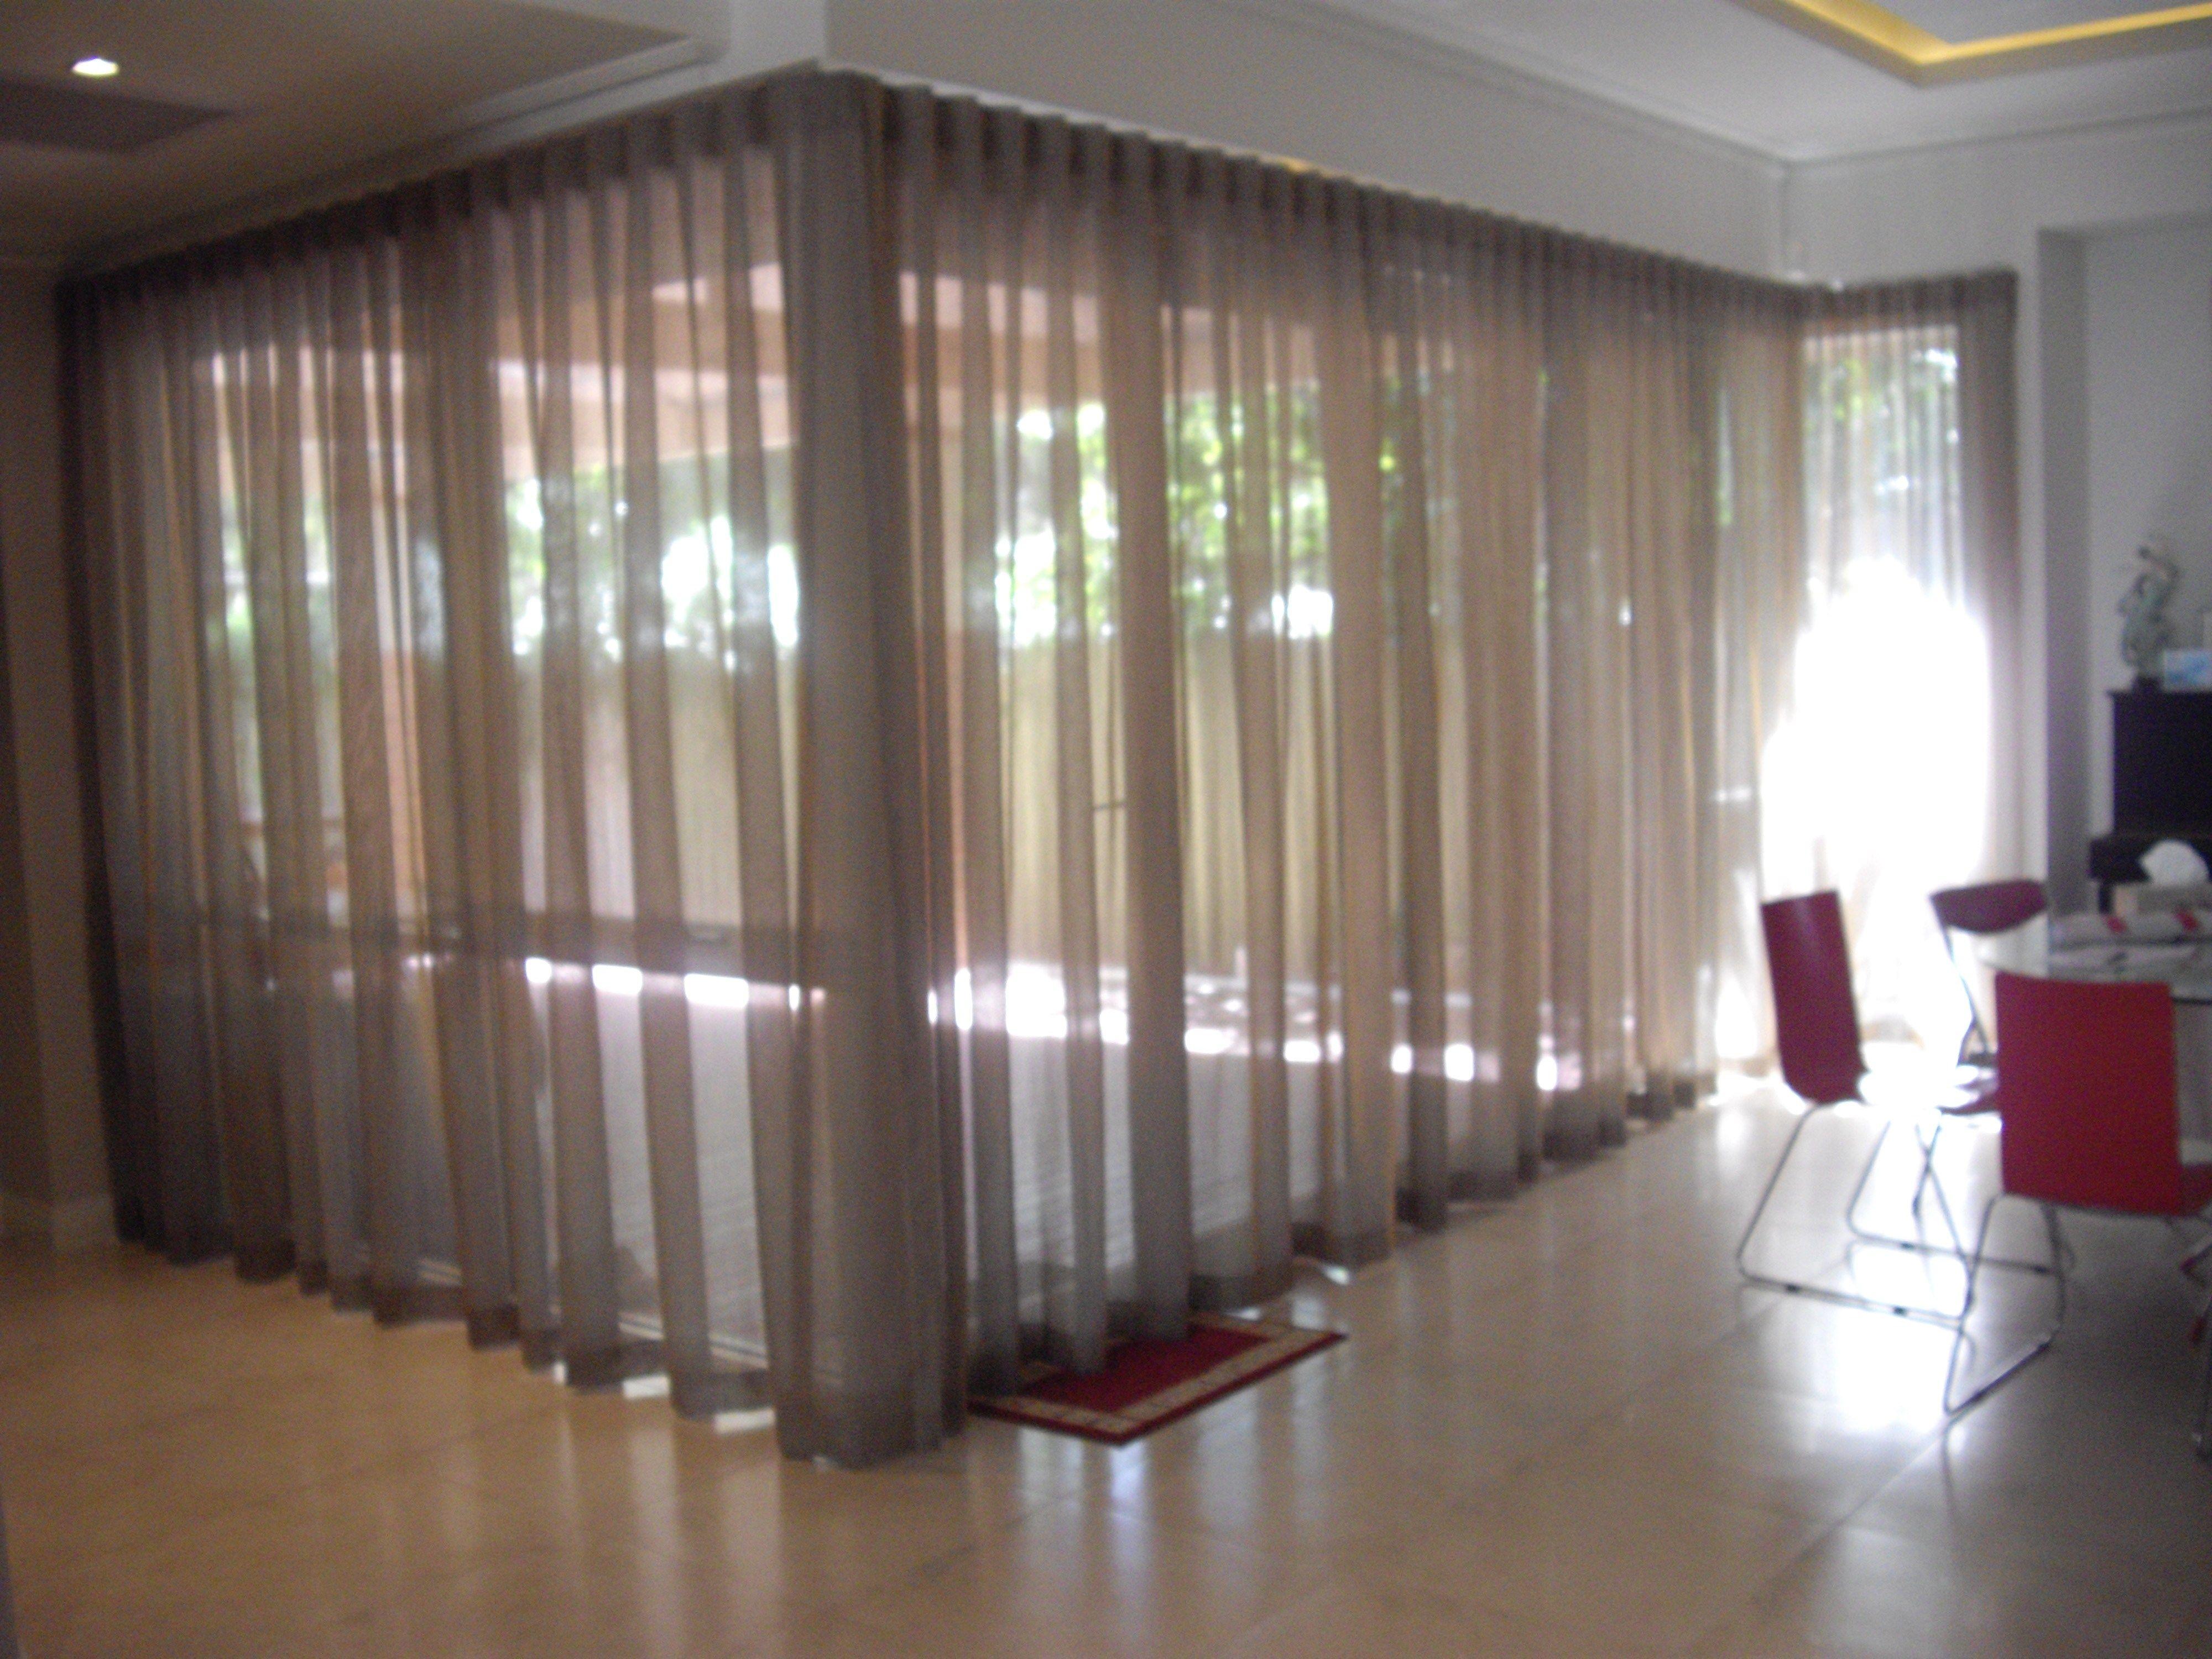 Deckenmontage Gardinenstangen Elegante Gardinen Deckenvorhang